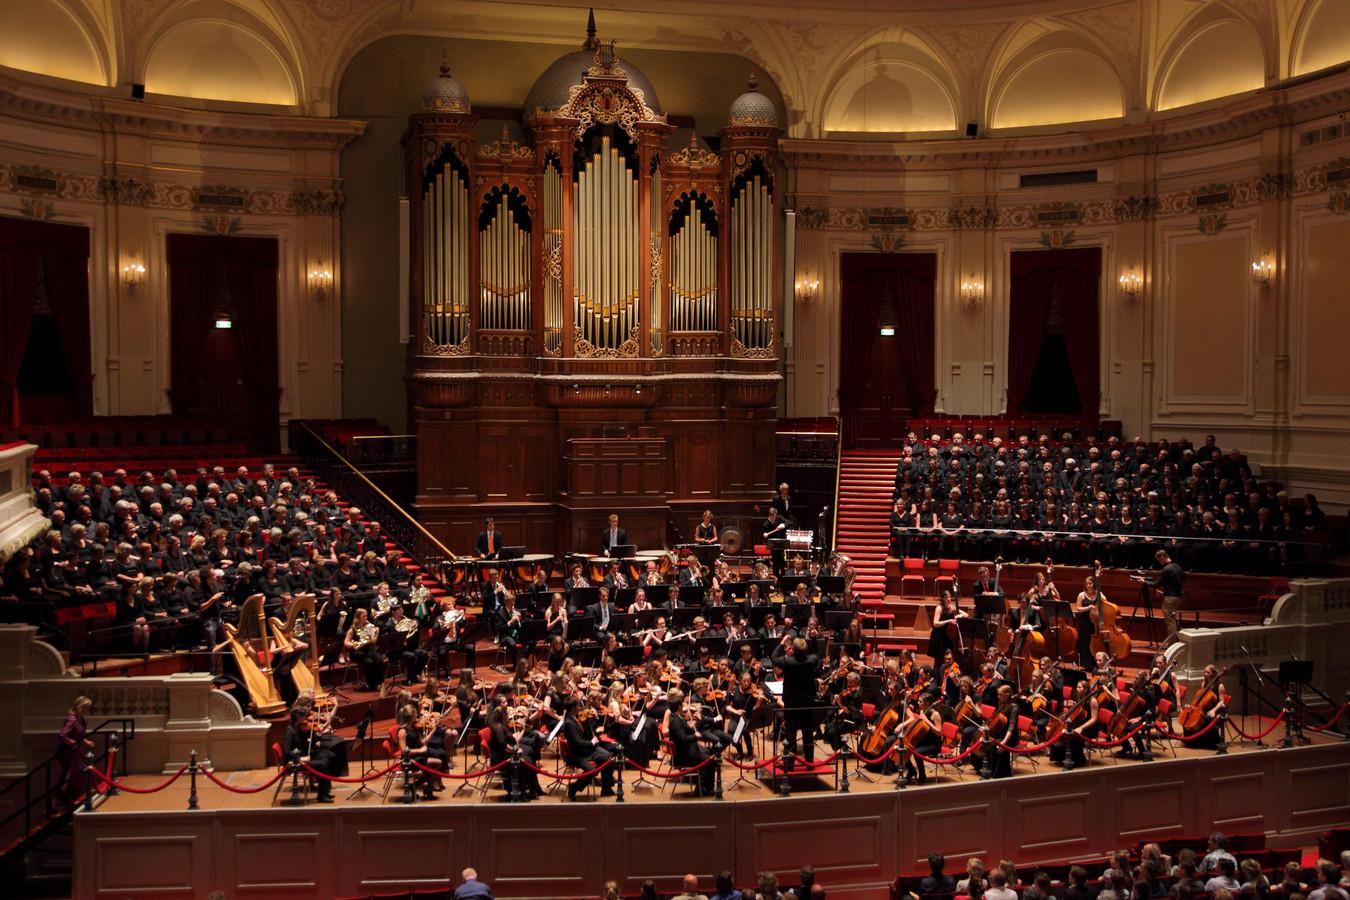 Het Euregio Jeugdorkest tijdens een concert in de Amsterdamse concertzaal.